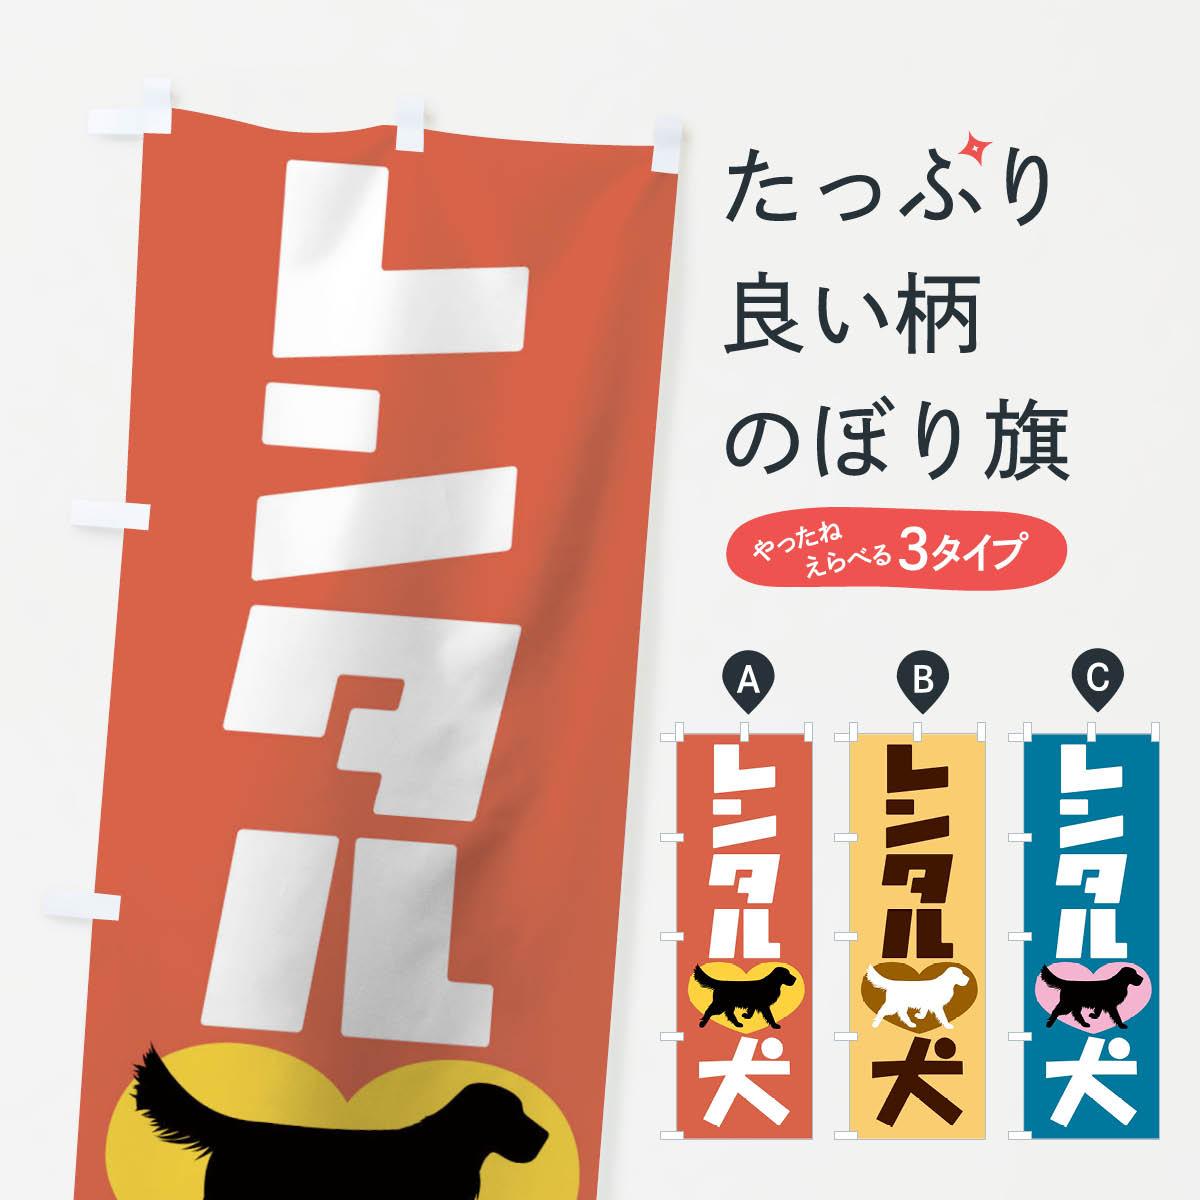 【3980送料無料】 のぼり旗 レンタル犬のぼり ペットショップ